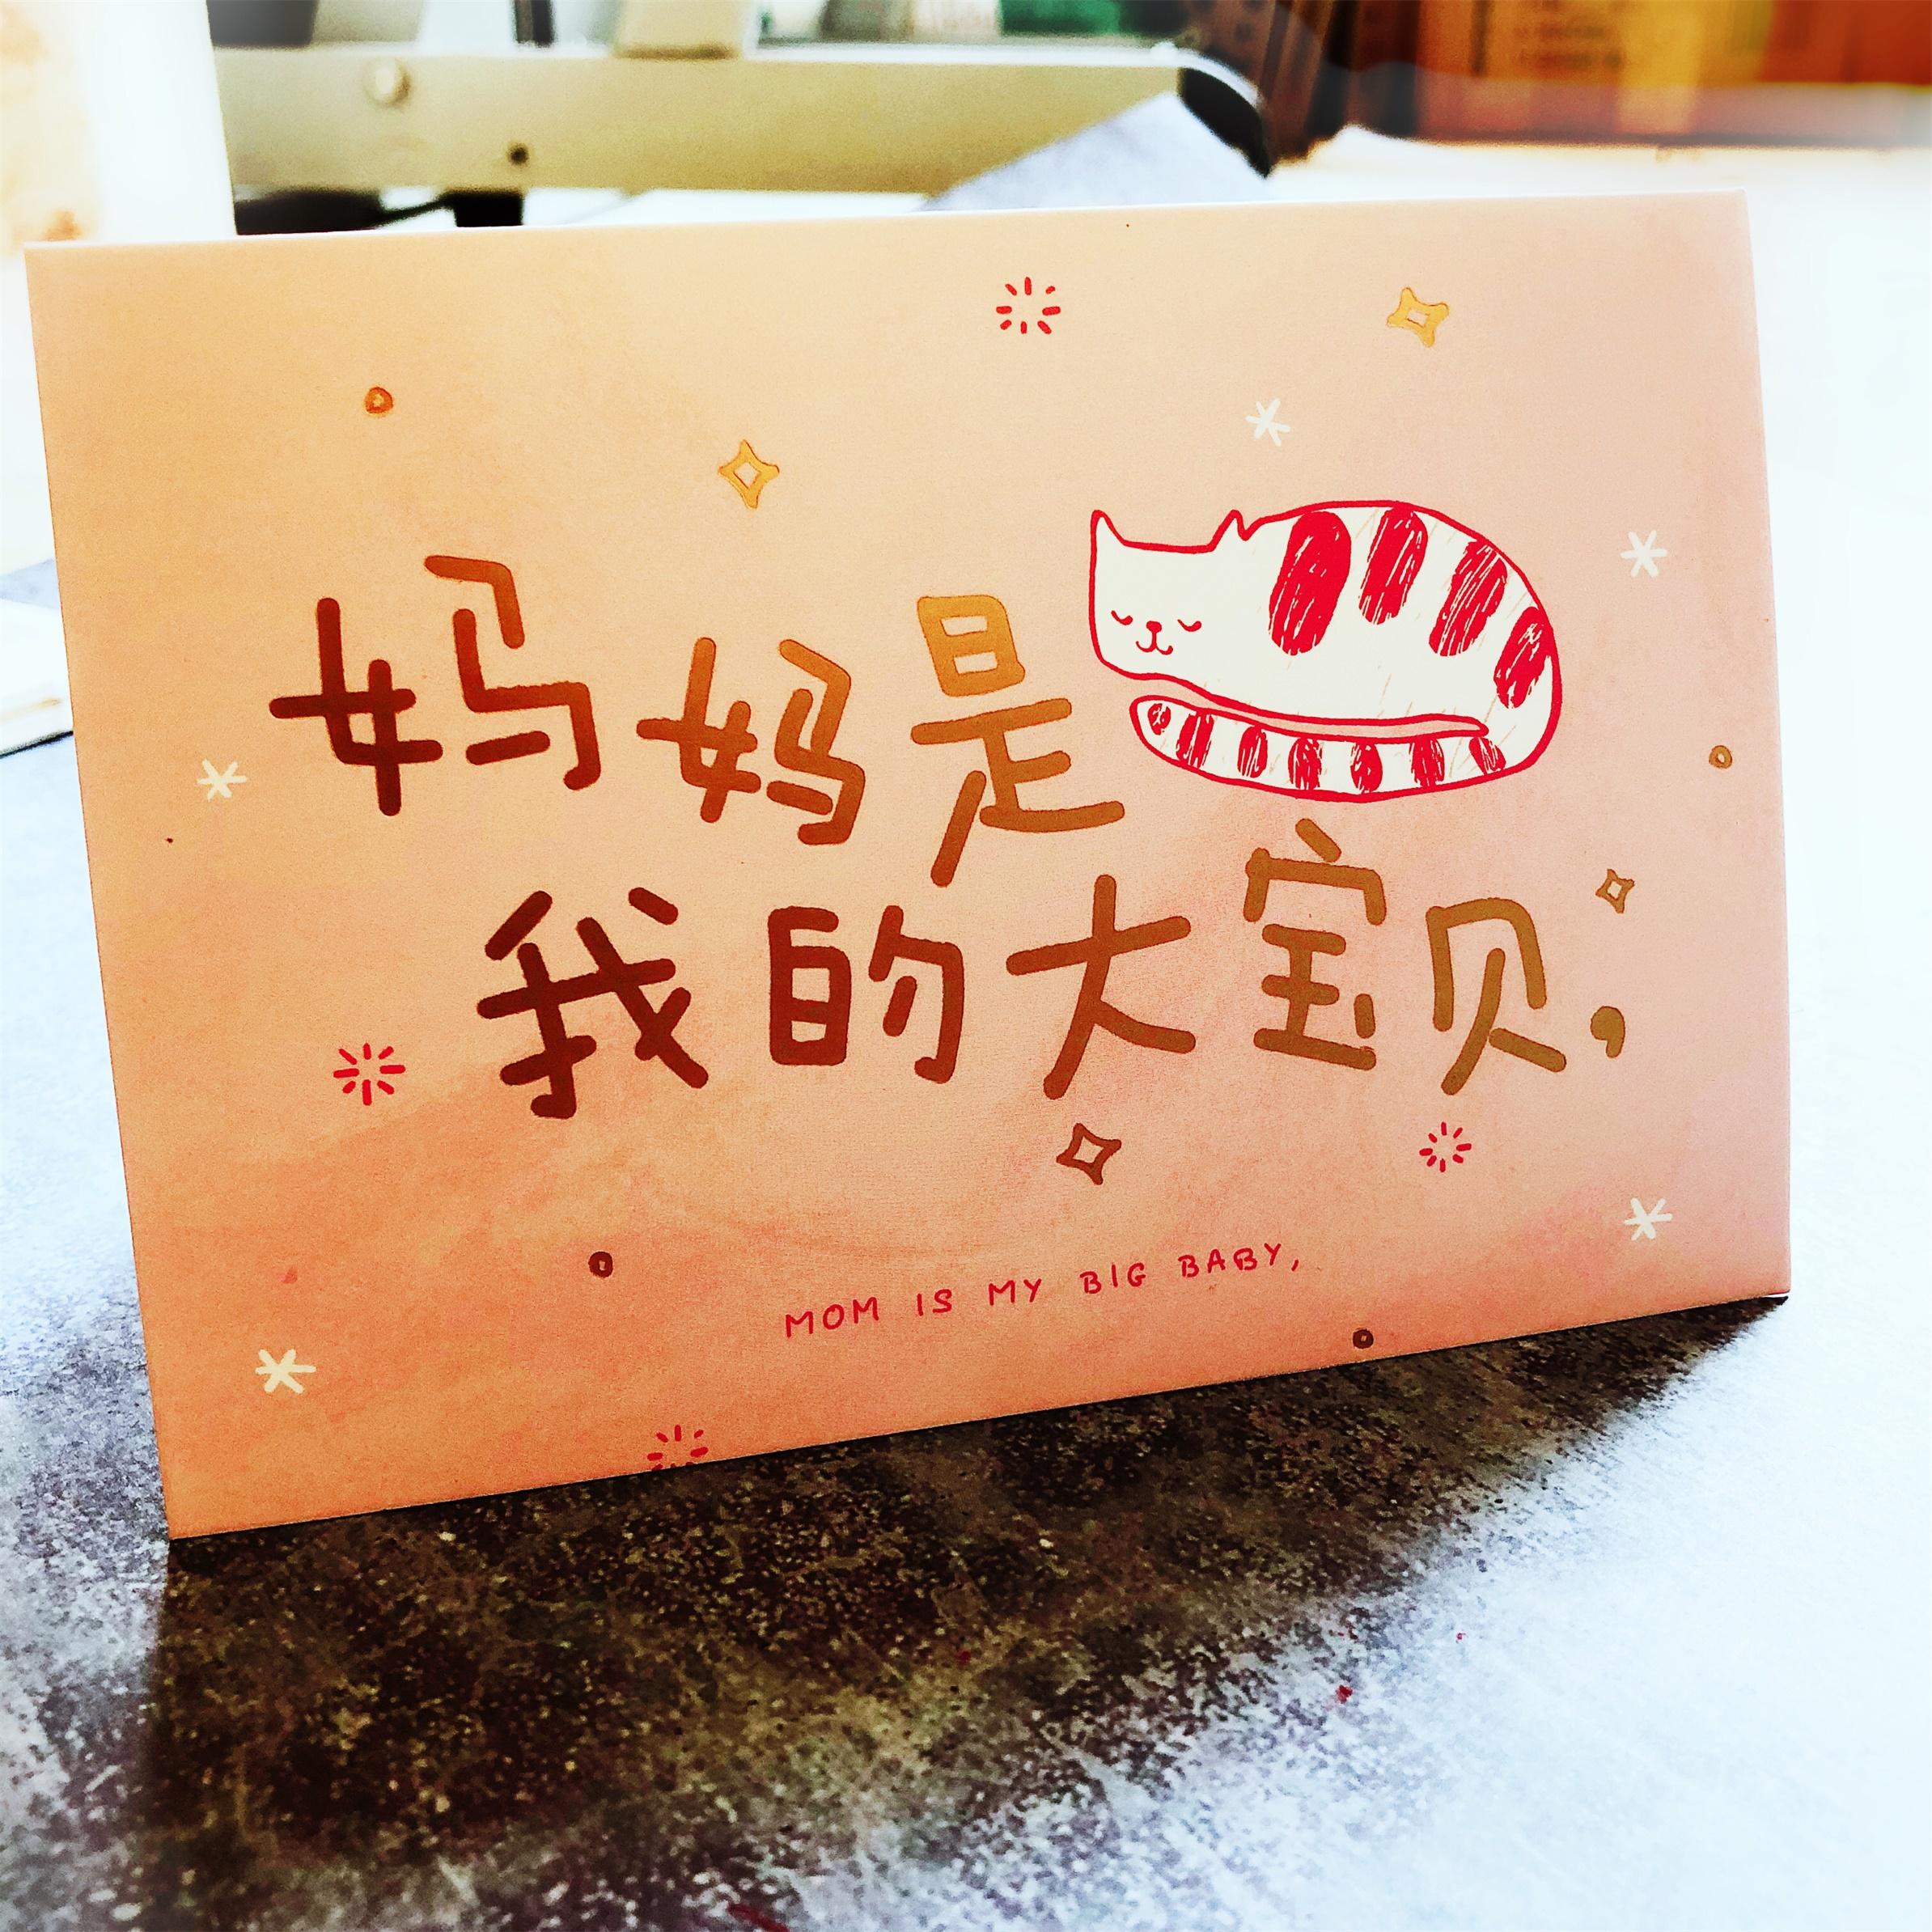 母亲节父亲节贺卡可爱烫金留言礼物卡片送爸爸送妈妈生日书写卡片